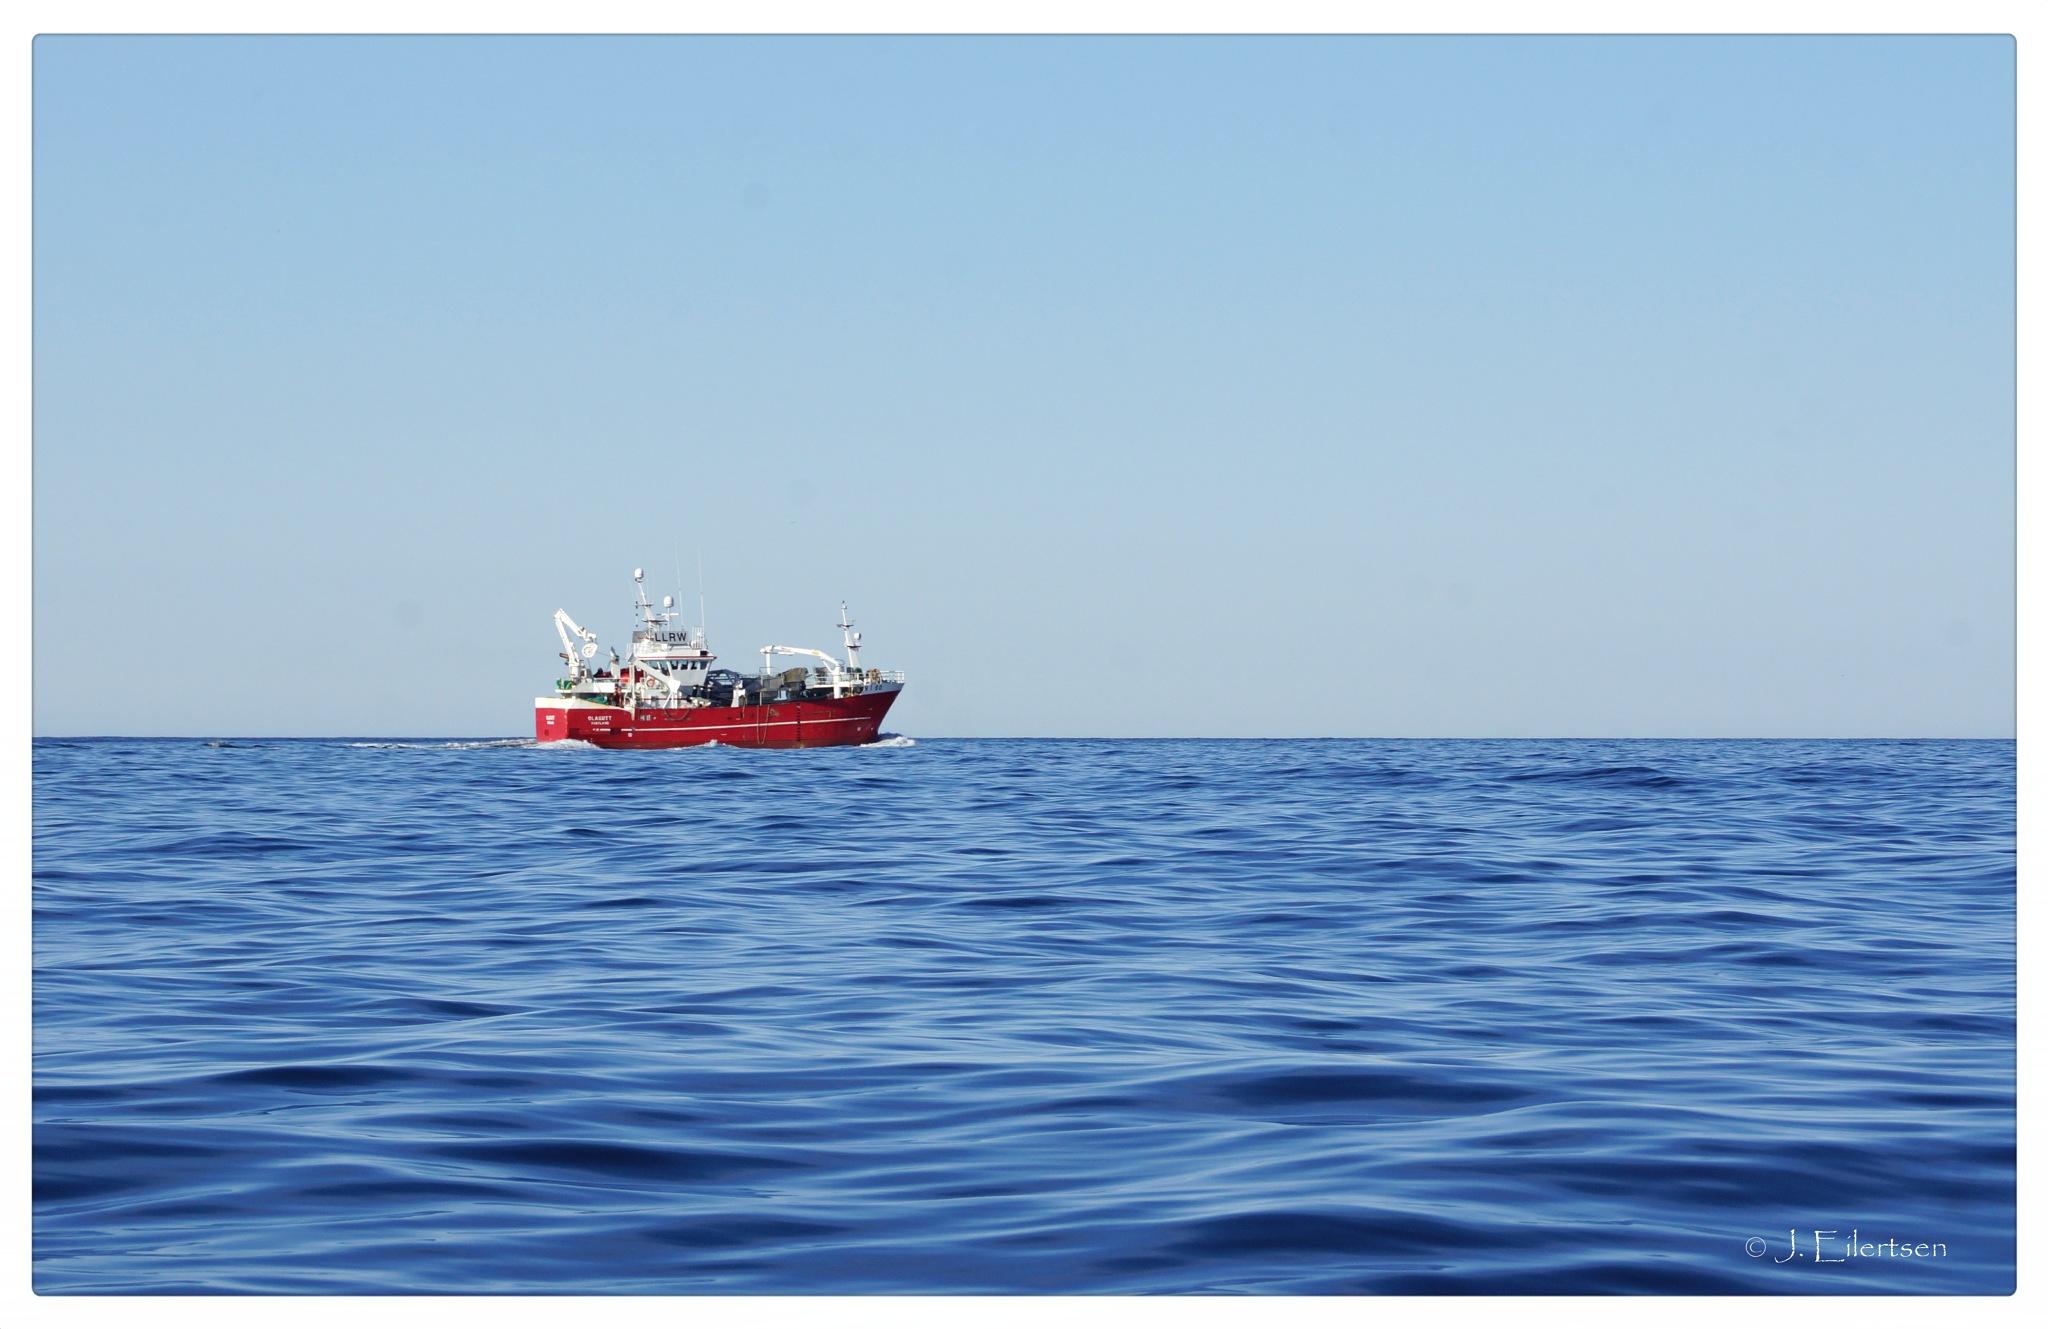 Red boat by joeilert